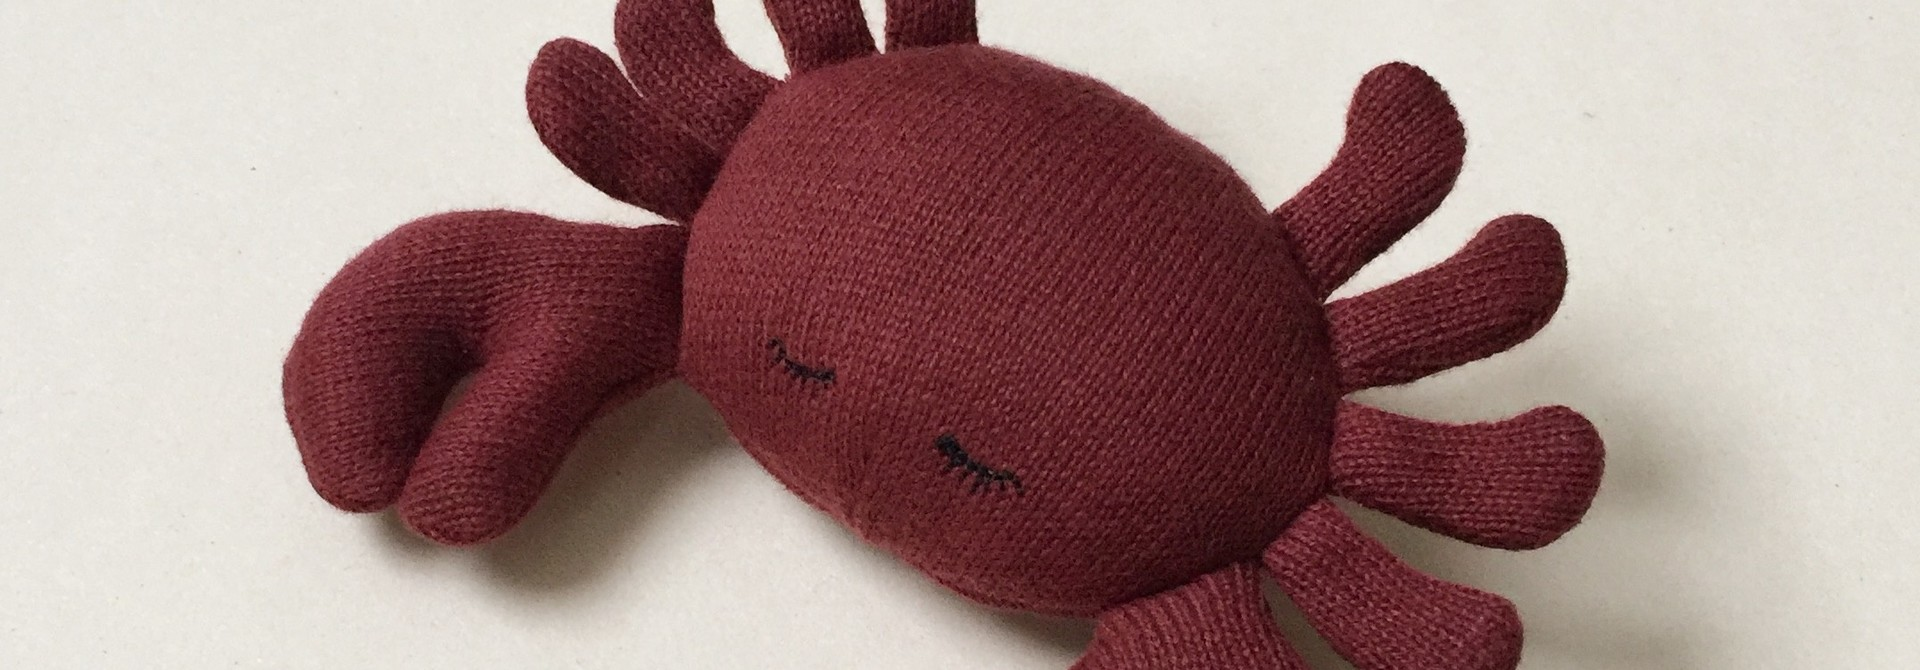 Mini krab rammelaar